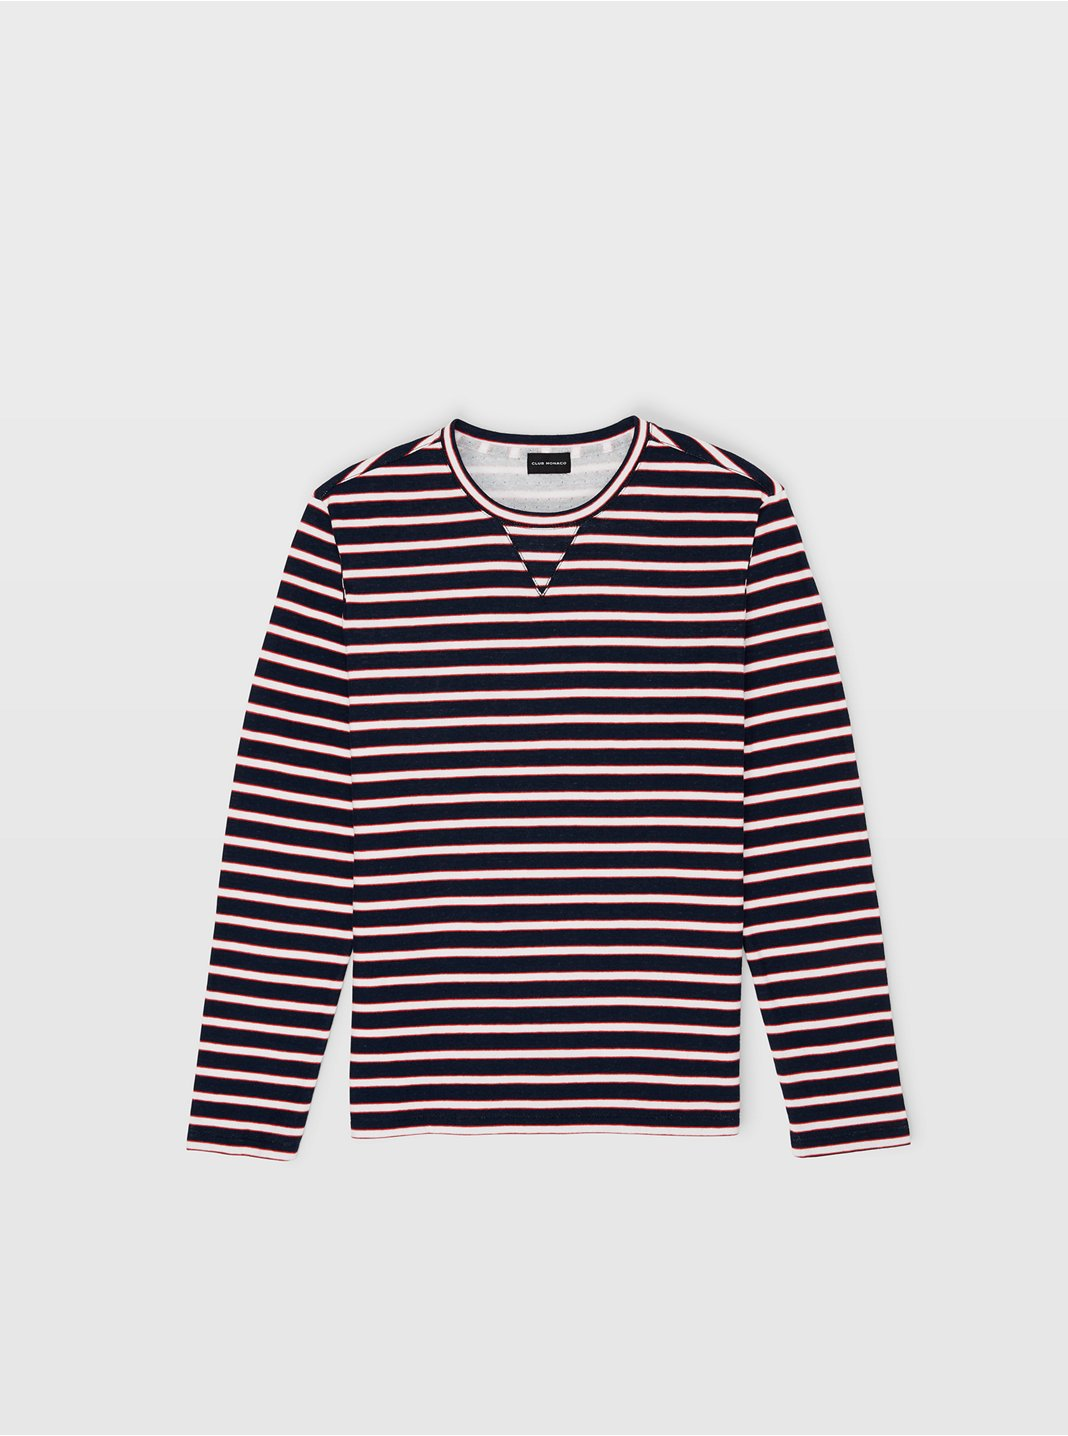 클럽 모나코 맨 Breton 스트라이프 긴팔 티셔츠 Club Monaco Breton Stripe Duofold Tee,Navy Multi